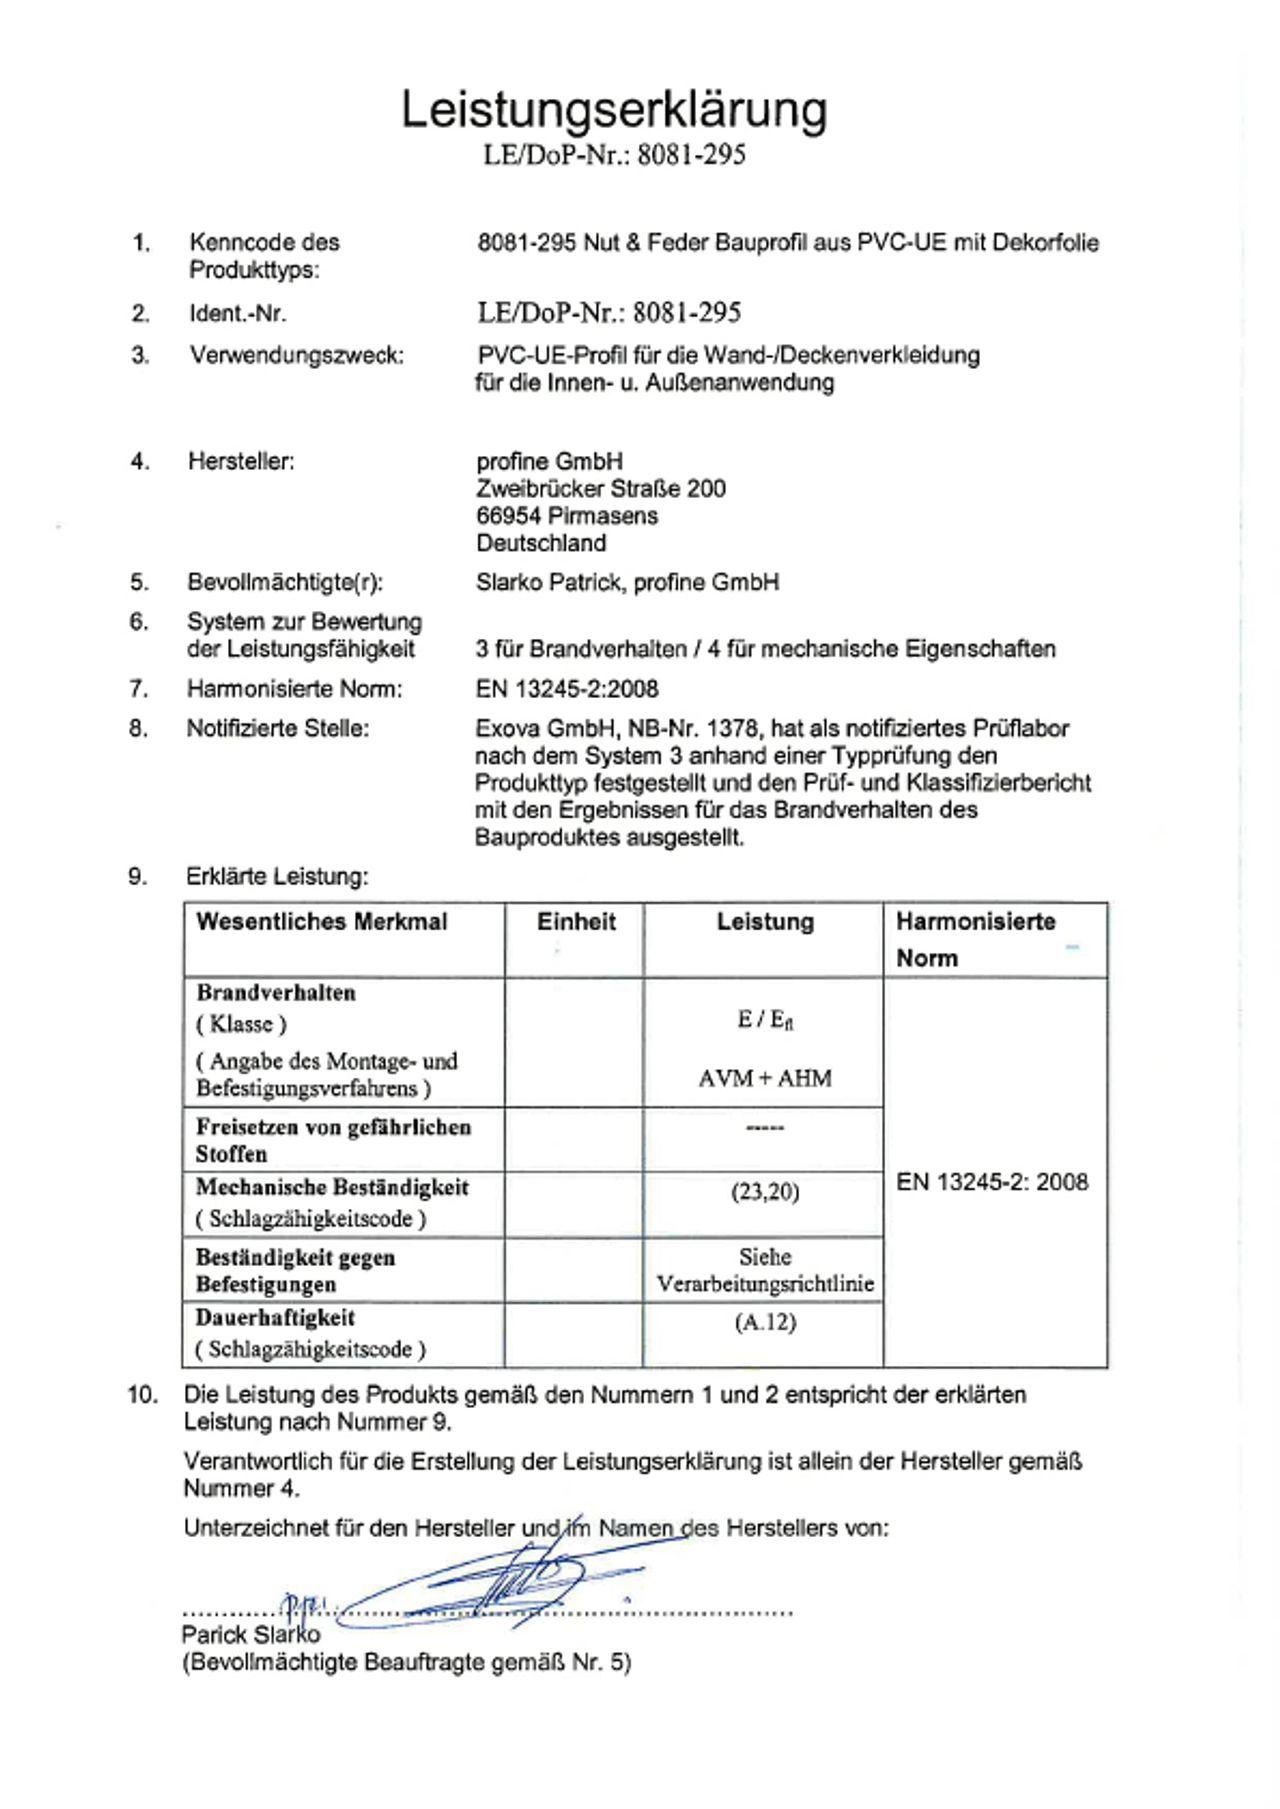 KömaPan® Nut- und Federprofile mit Dekorfolie Leistungserklärung